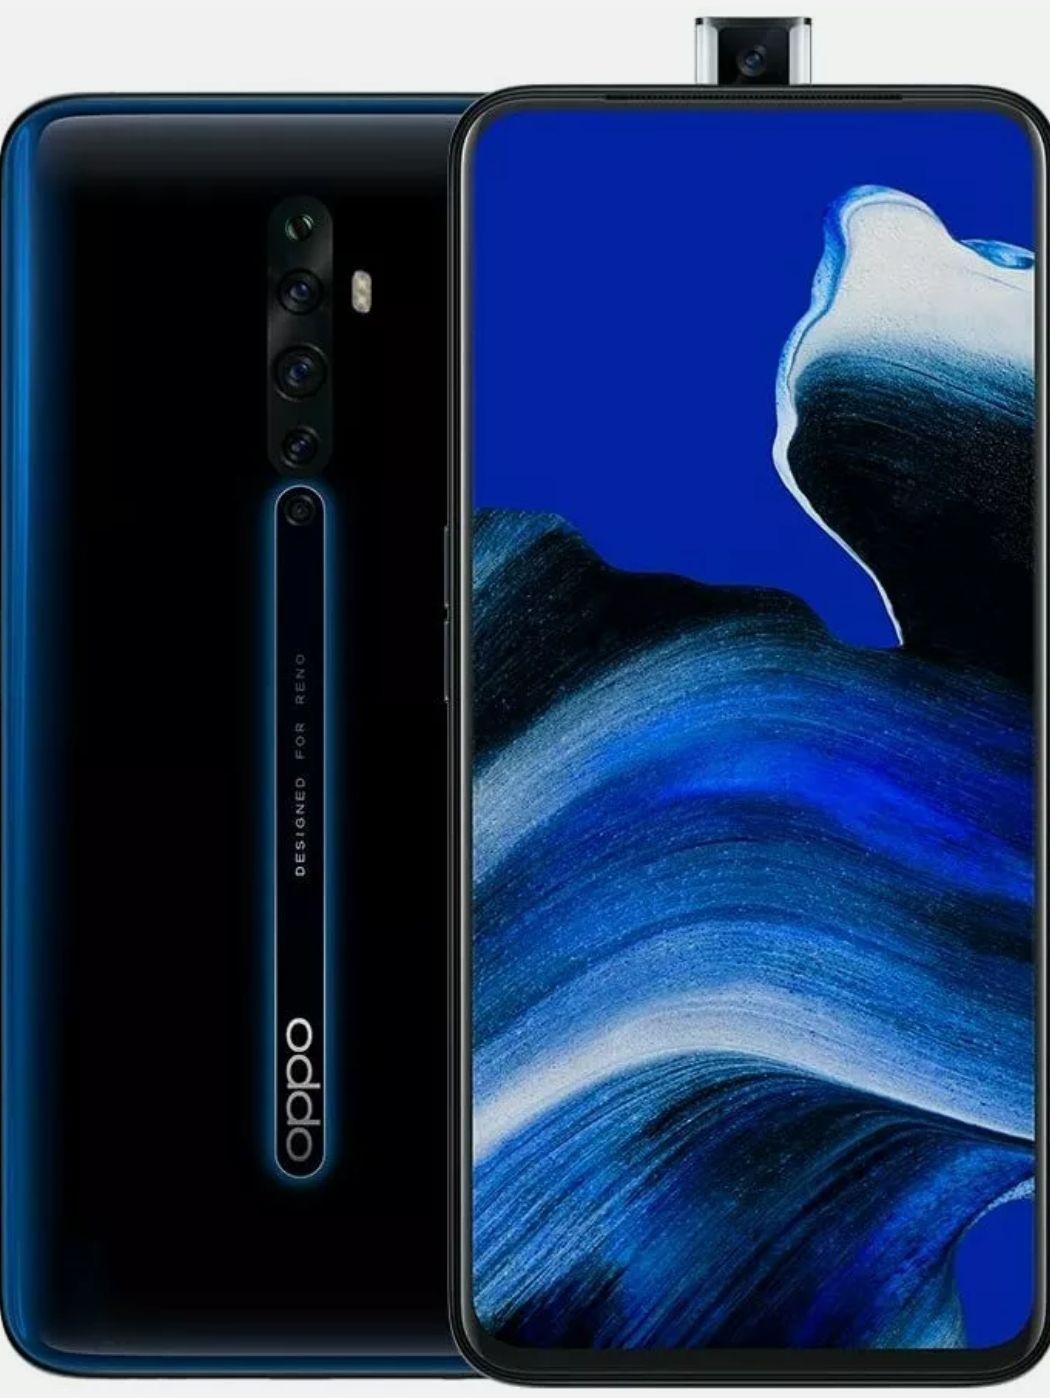 Oppo Reno 2Z 128GB dual sim smartphone £211.59 - £211.59 from mobiledealsuk eBay